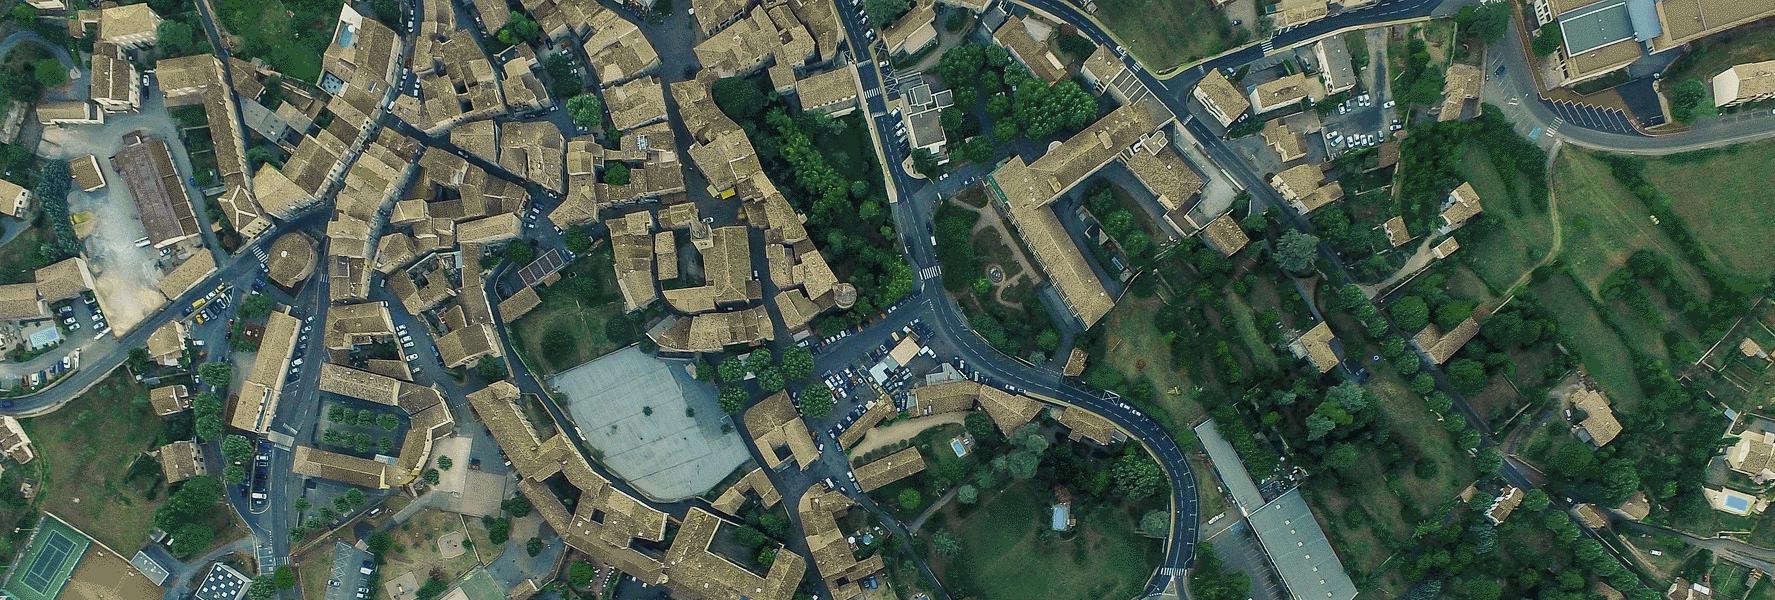 Rediseñar las ciudades con urbanismo sostenible   OpenMind